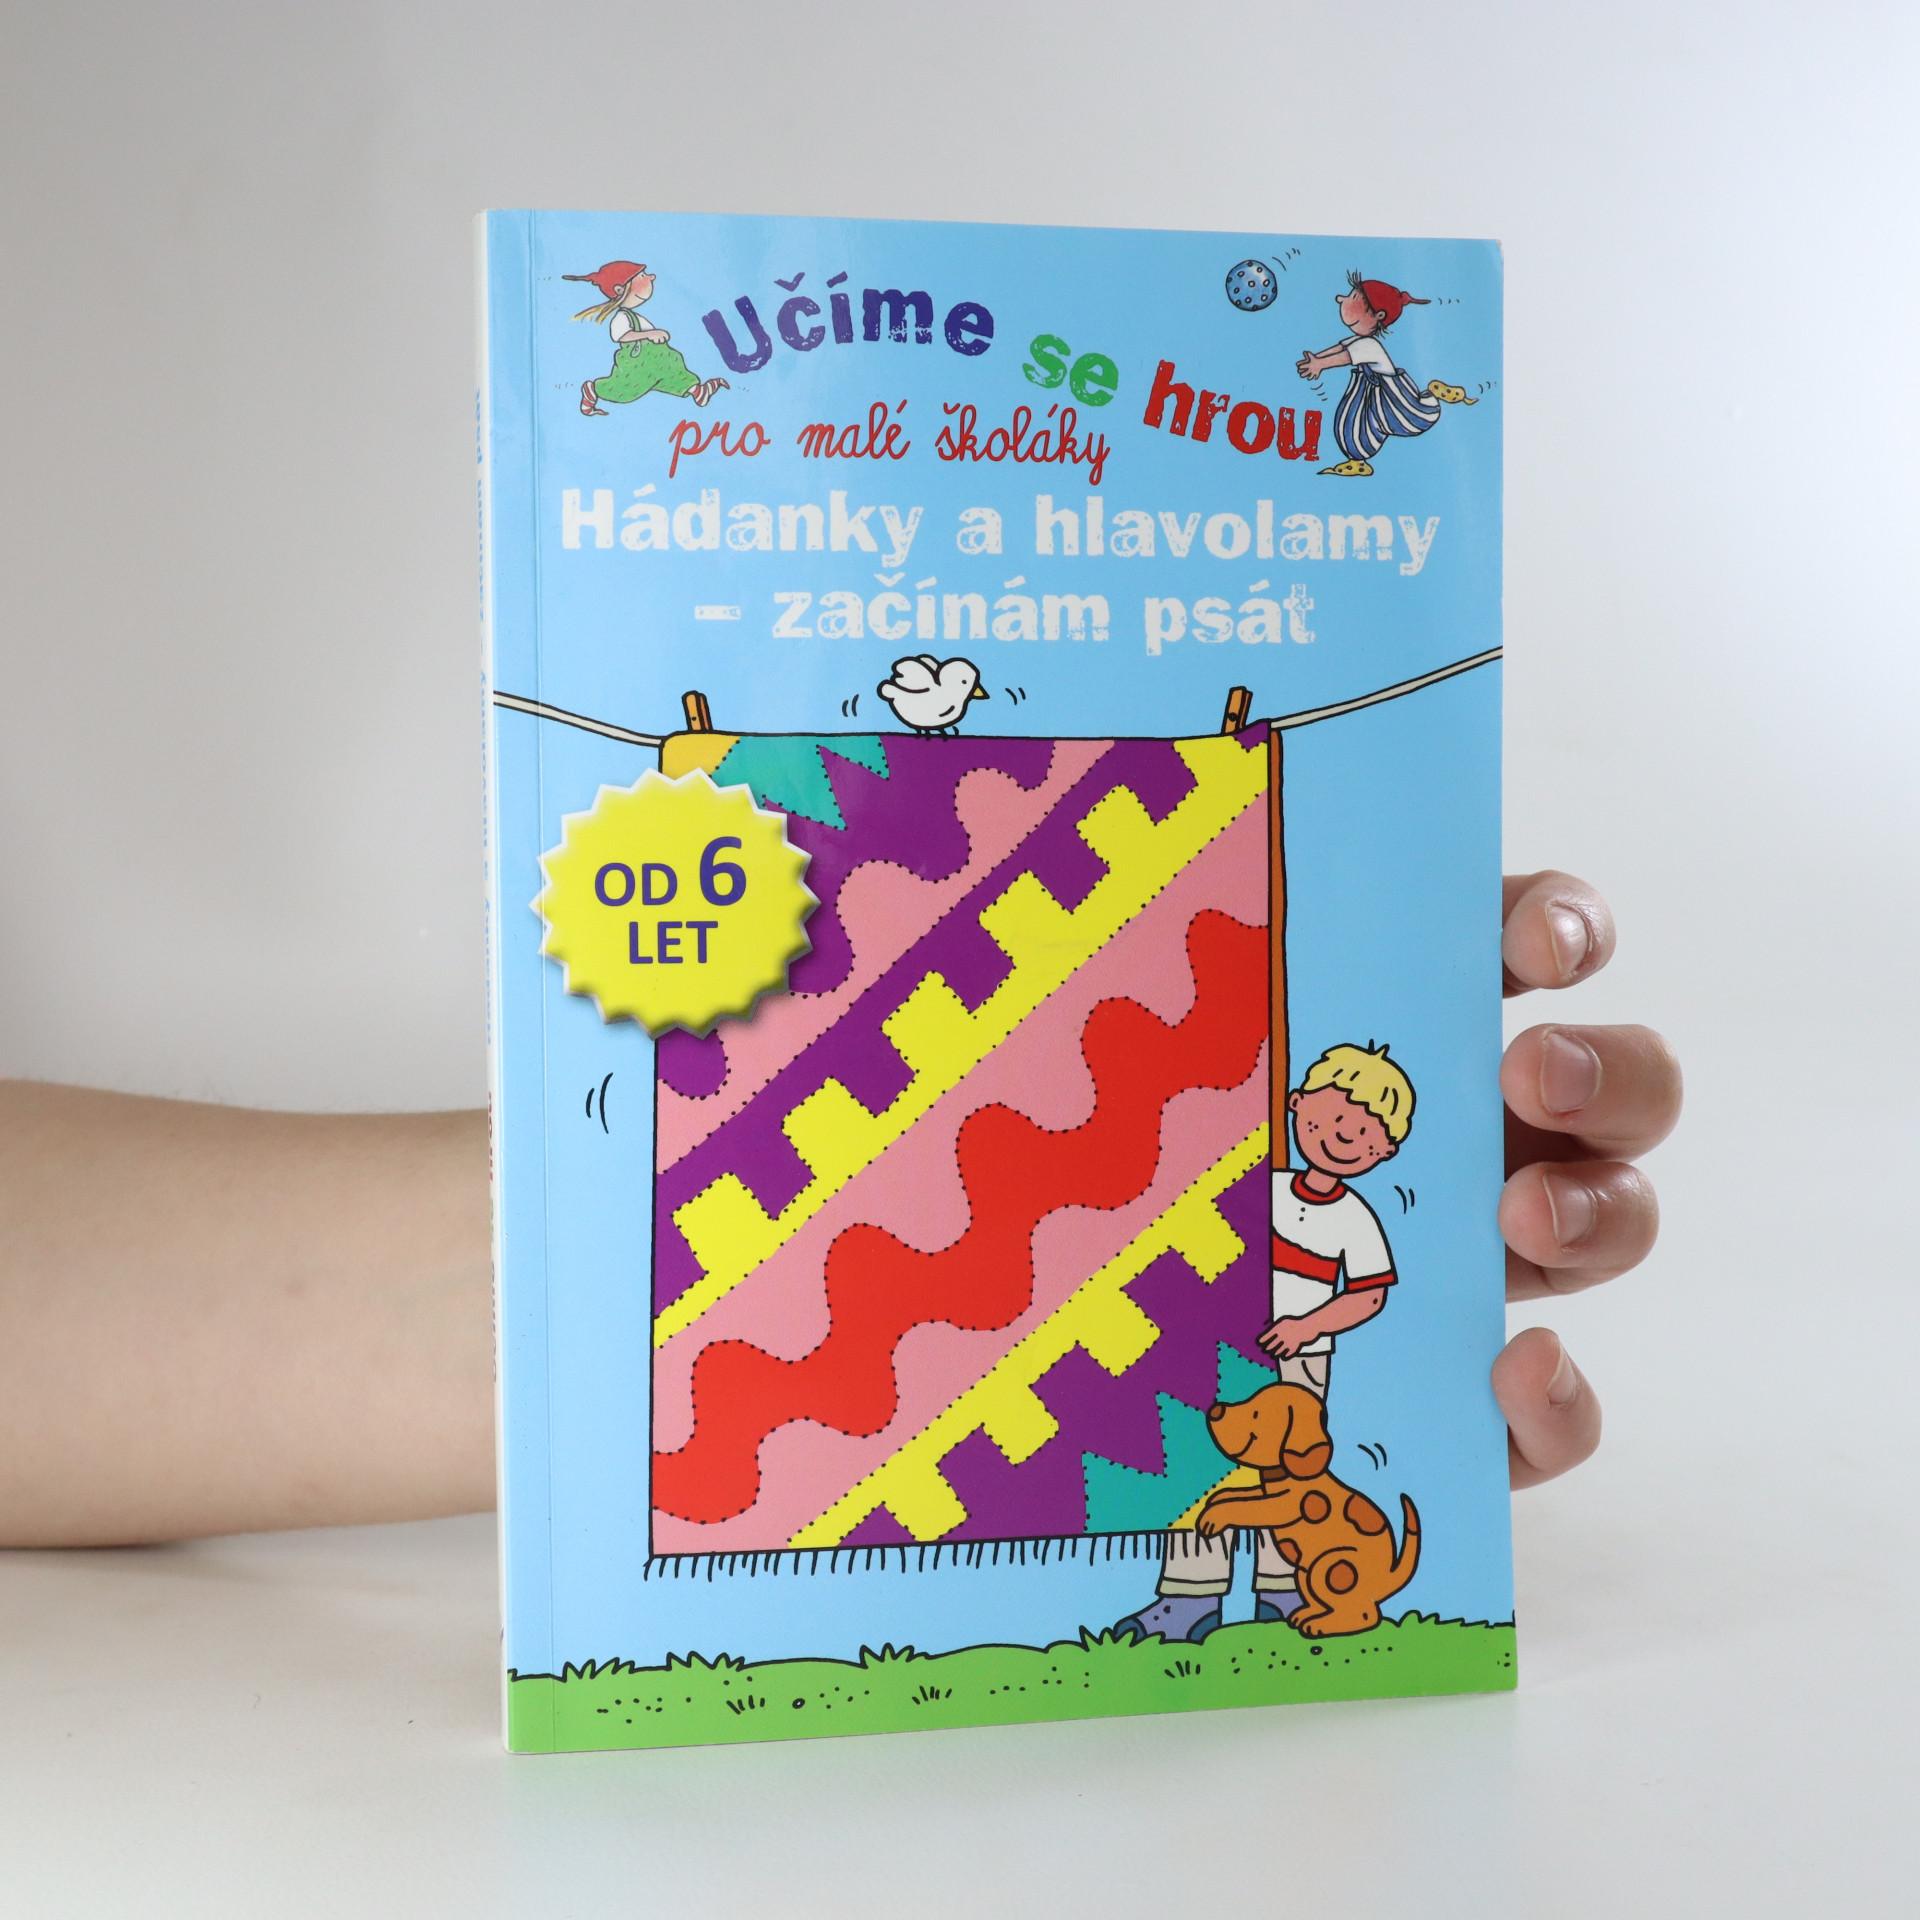 antikvární kniha Hádanky a hlavolamy - začínám psát. Pro malé školáky (částečně vyplněno. viz stav), 2014